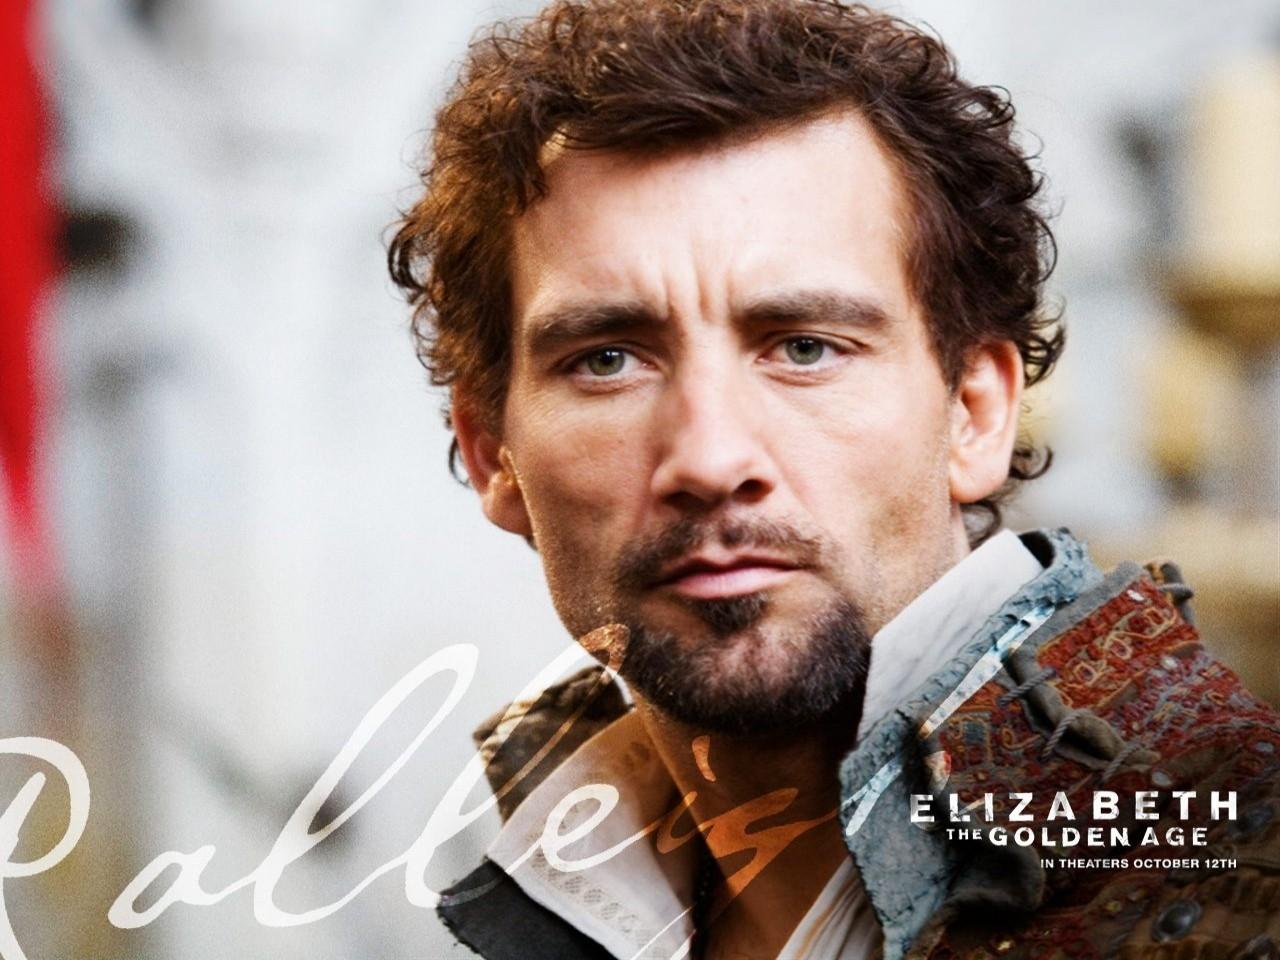 Wallpaper del film Elizabeth: The Golden Age con CLive Owen